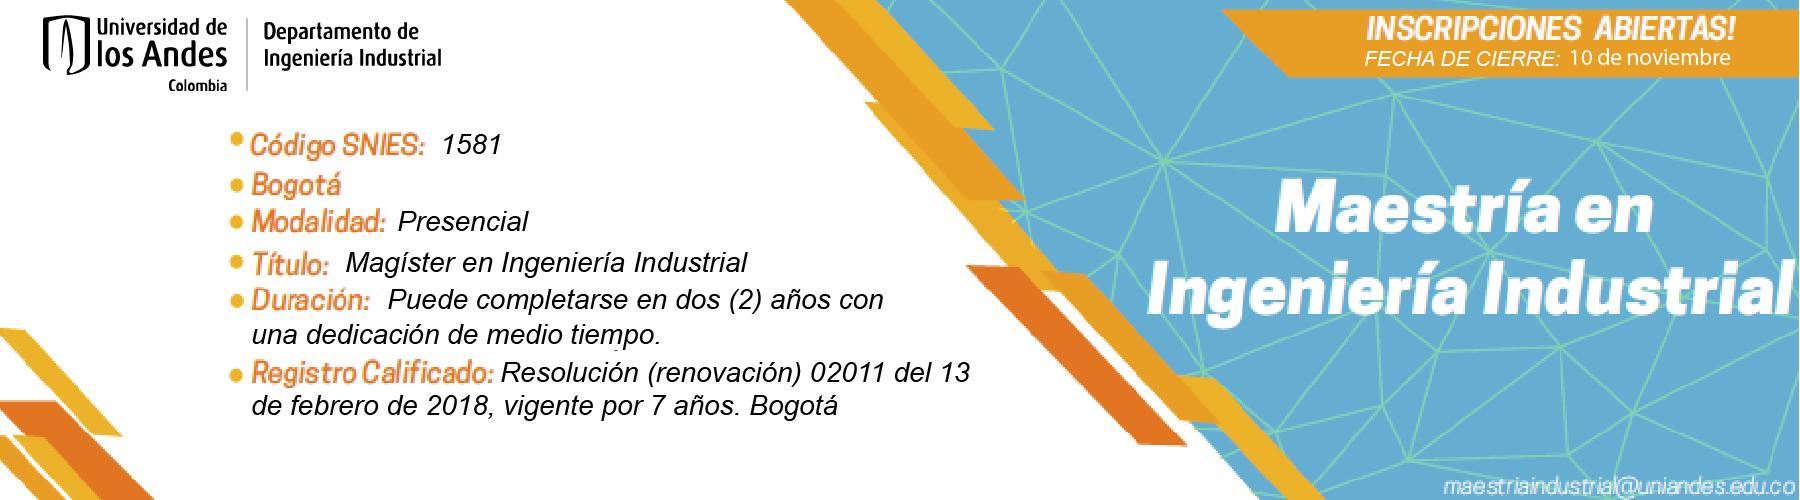 Industrial Uniandes